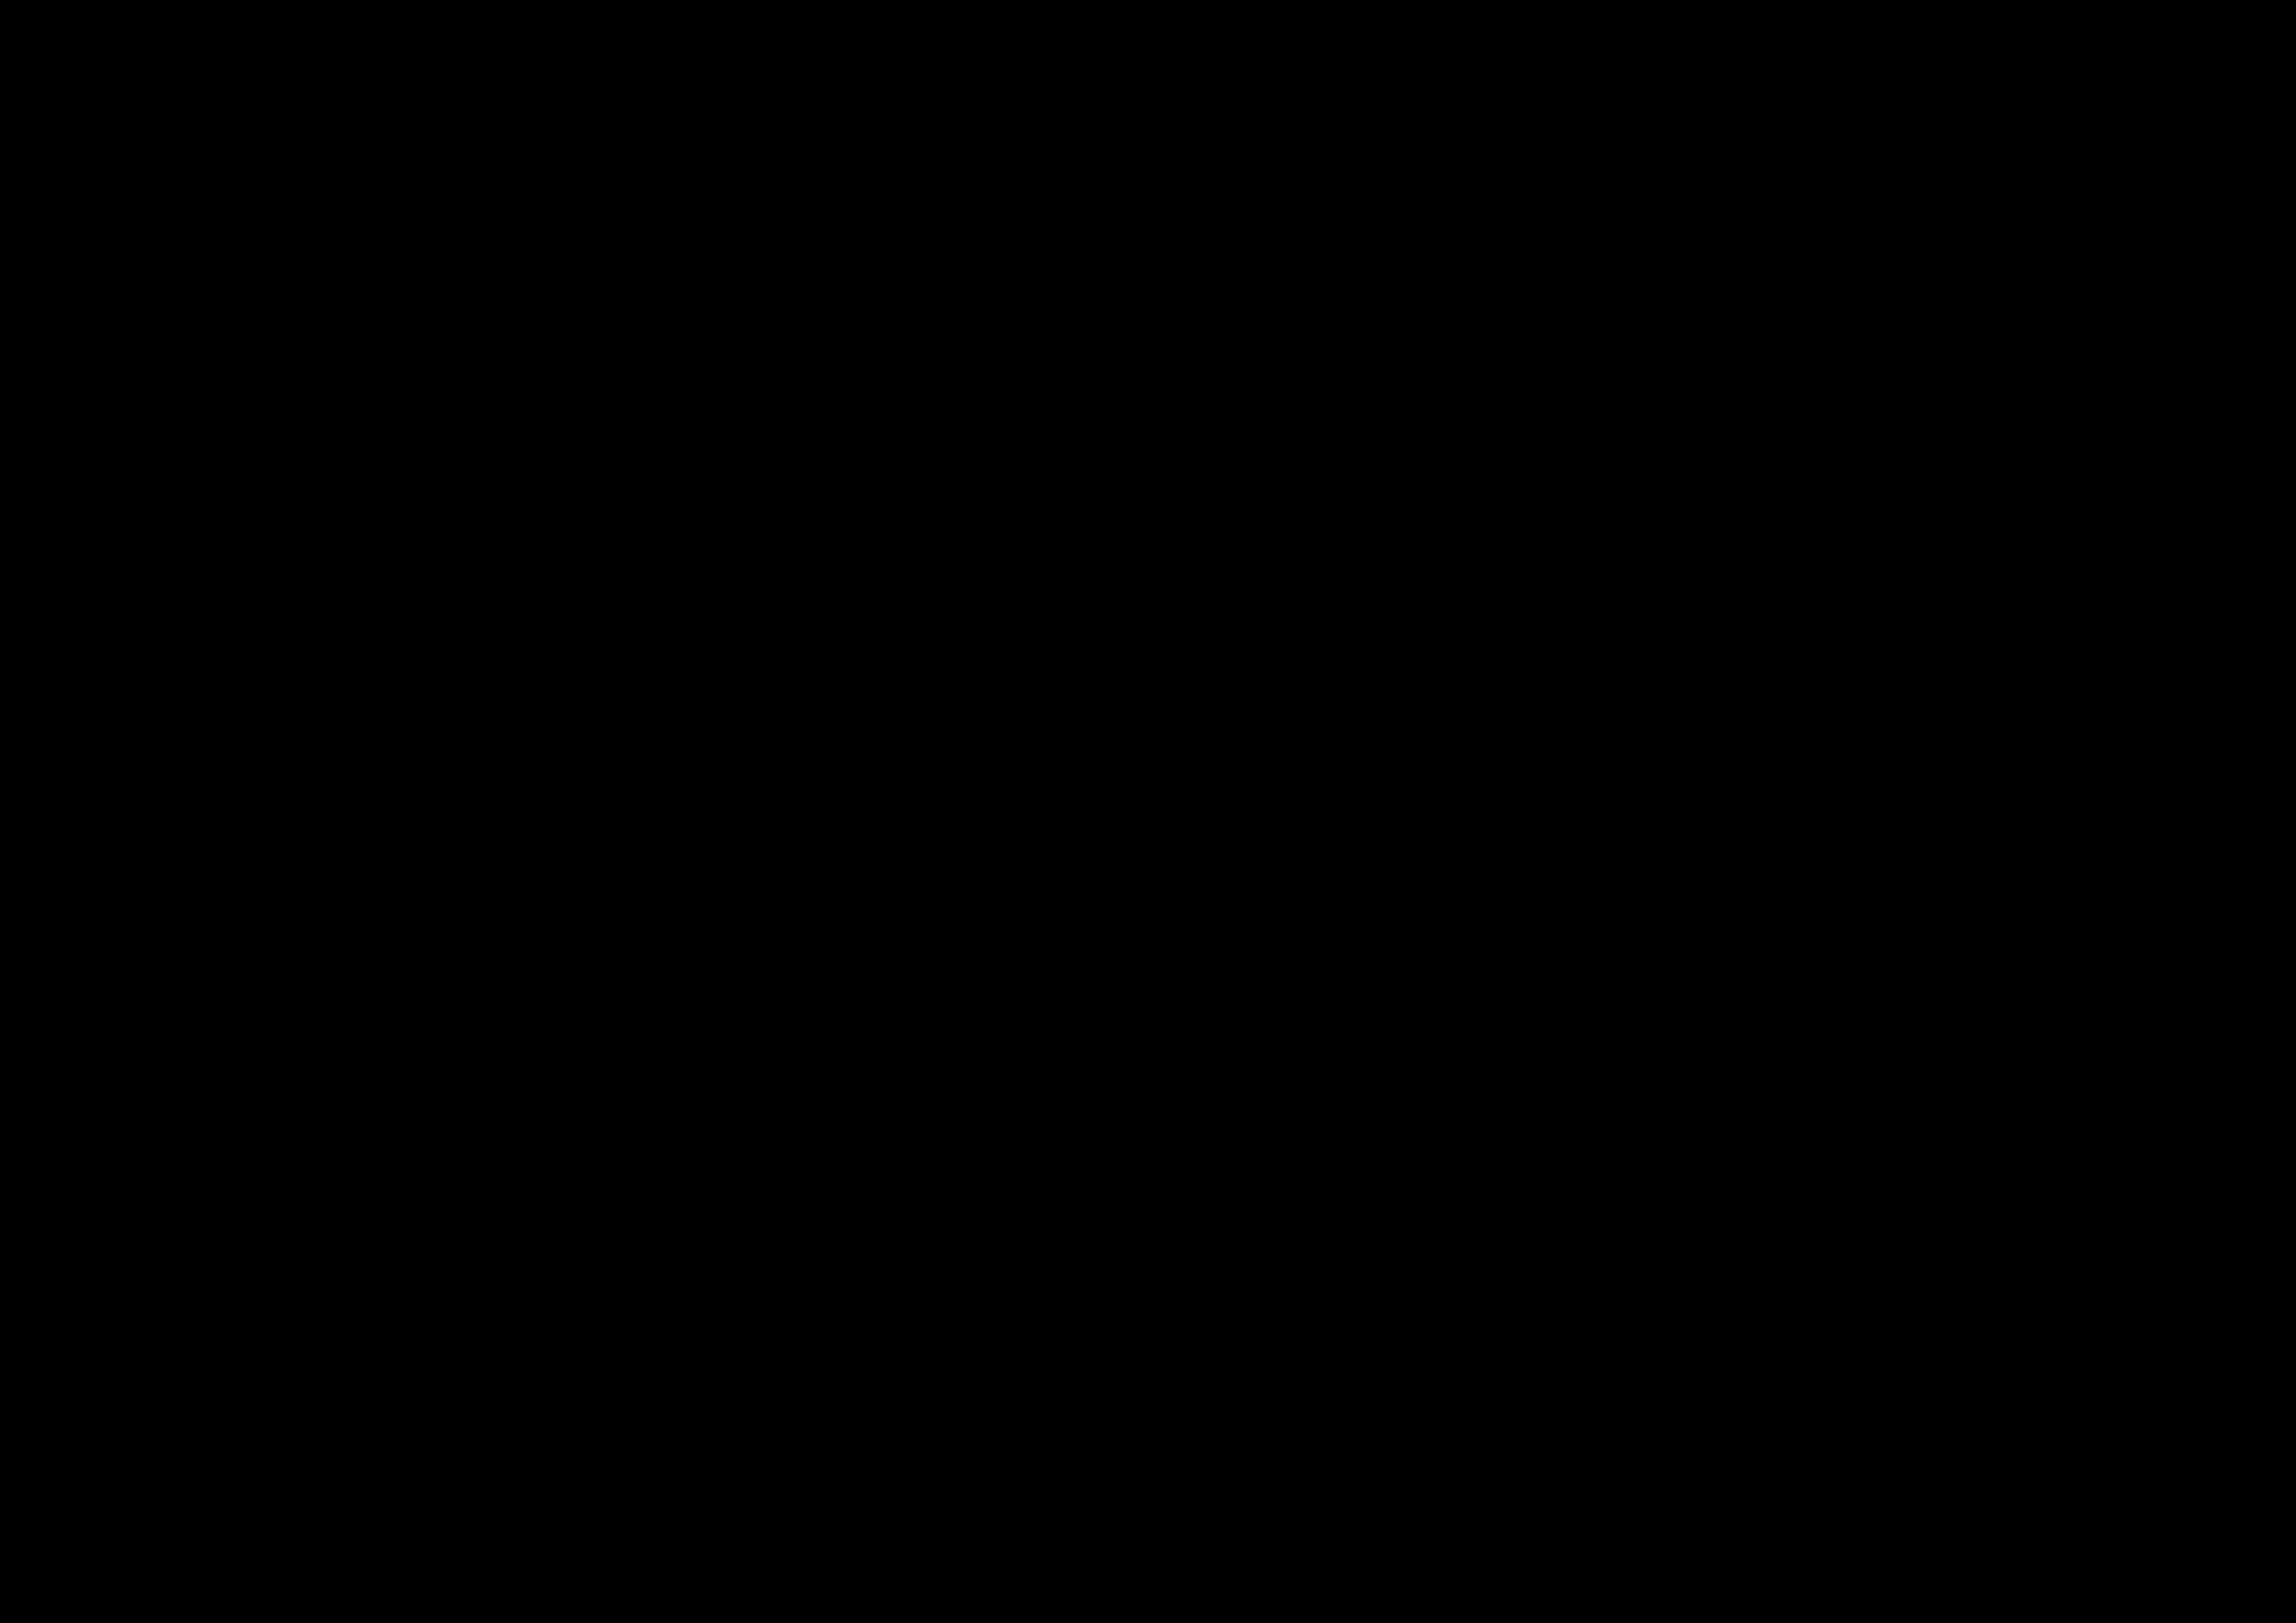 Flyer_Gendertag_12.12.19_1.jpg